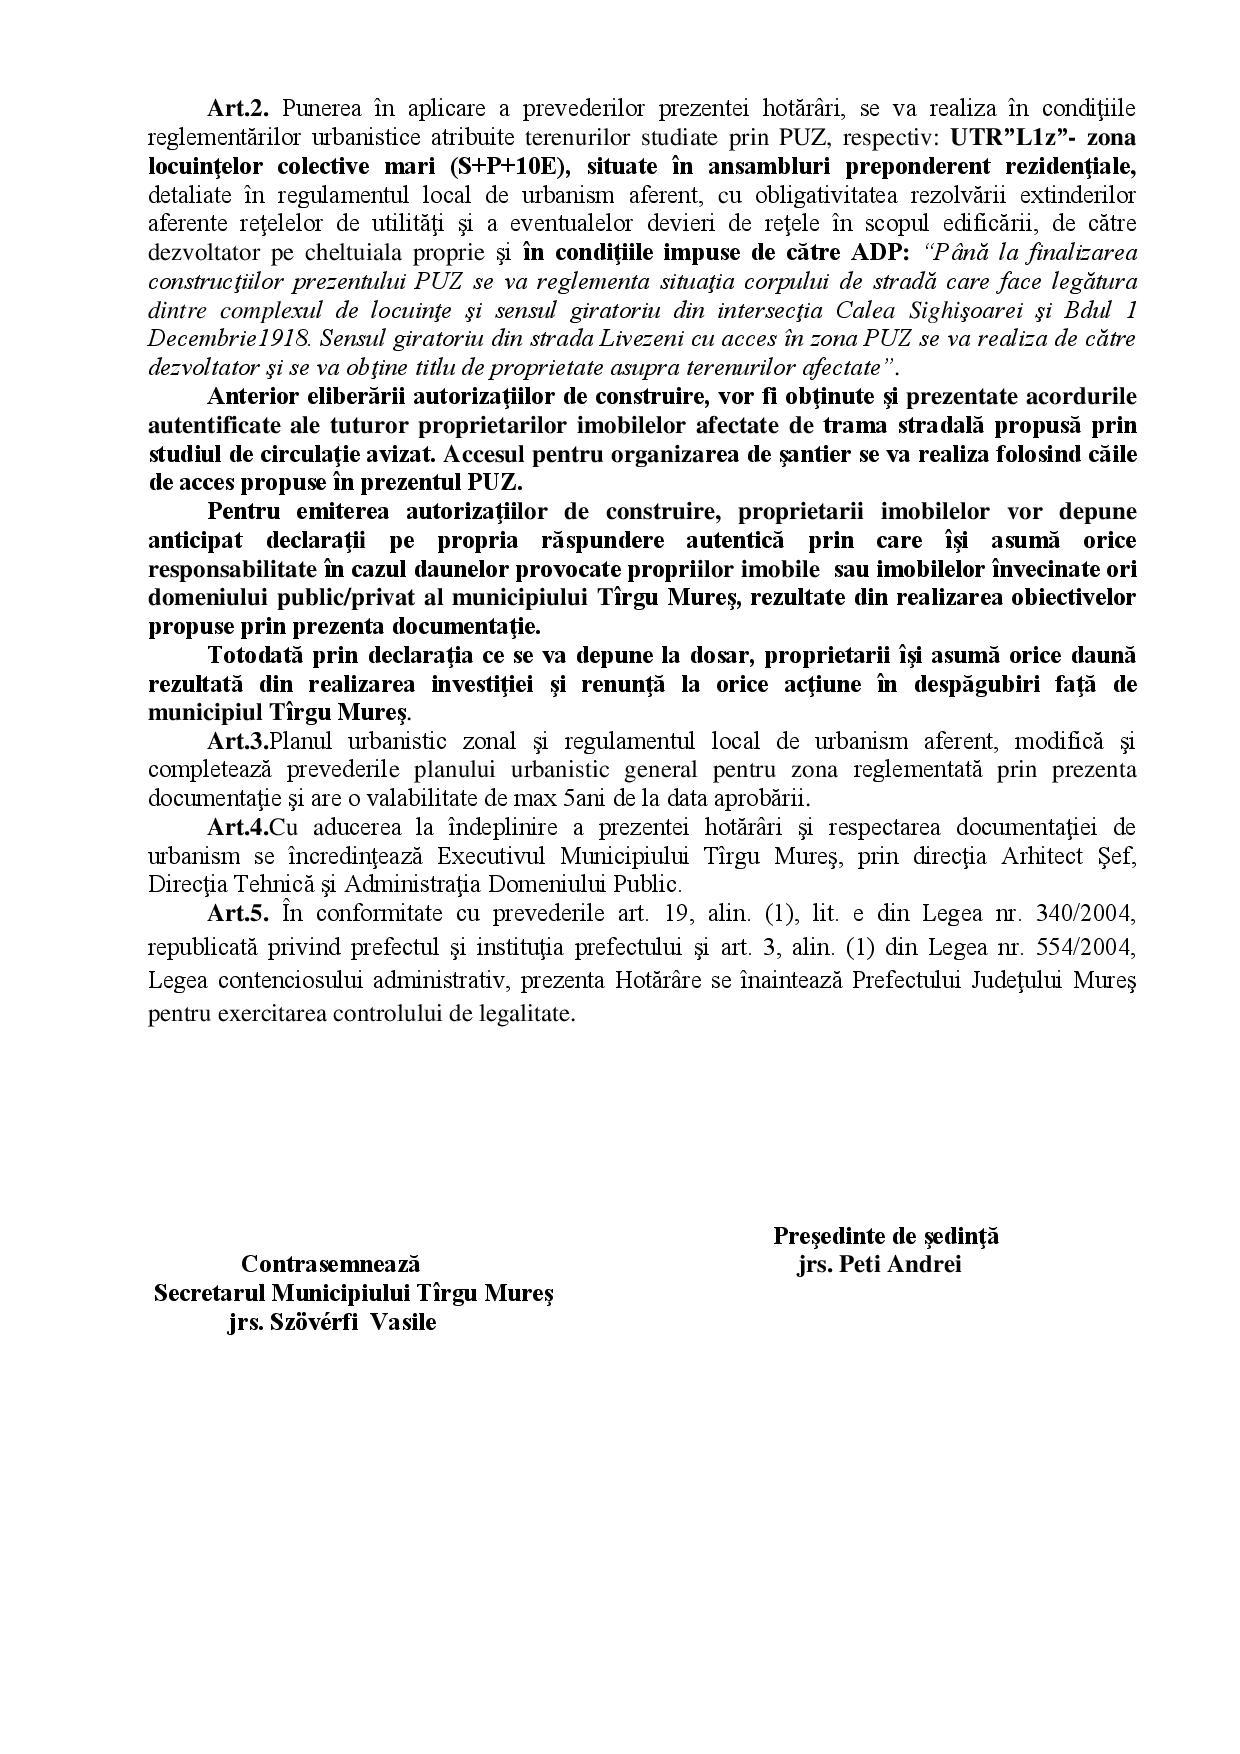 Ceva-i putred în Târgu Mureș se actualizează documentația PUZ aprobată prin HCL nr. 303/2007.